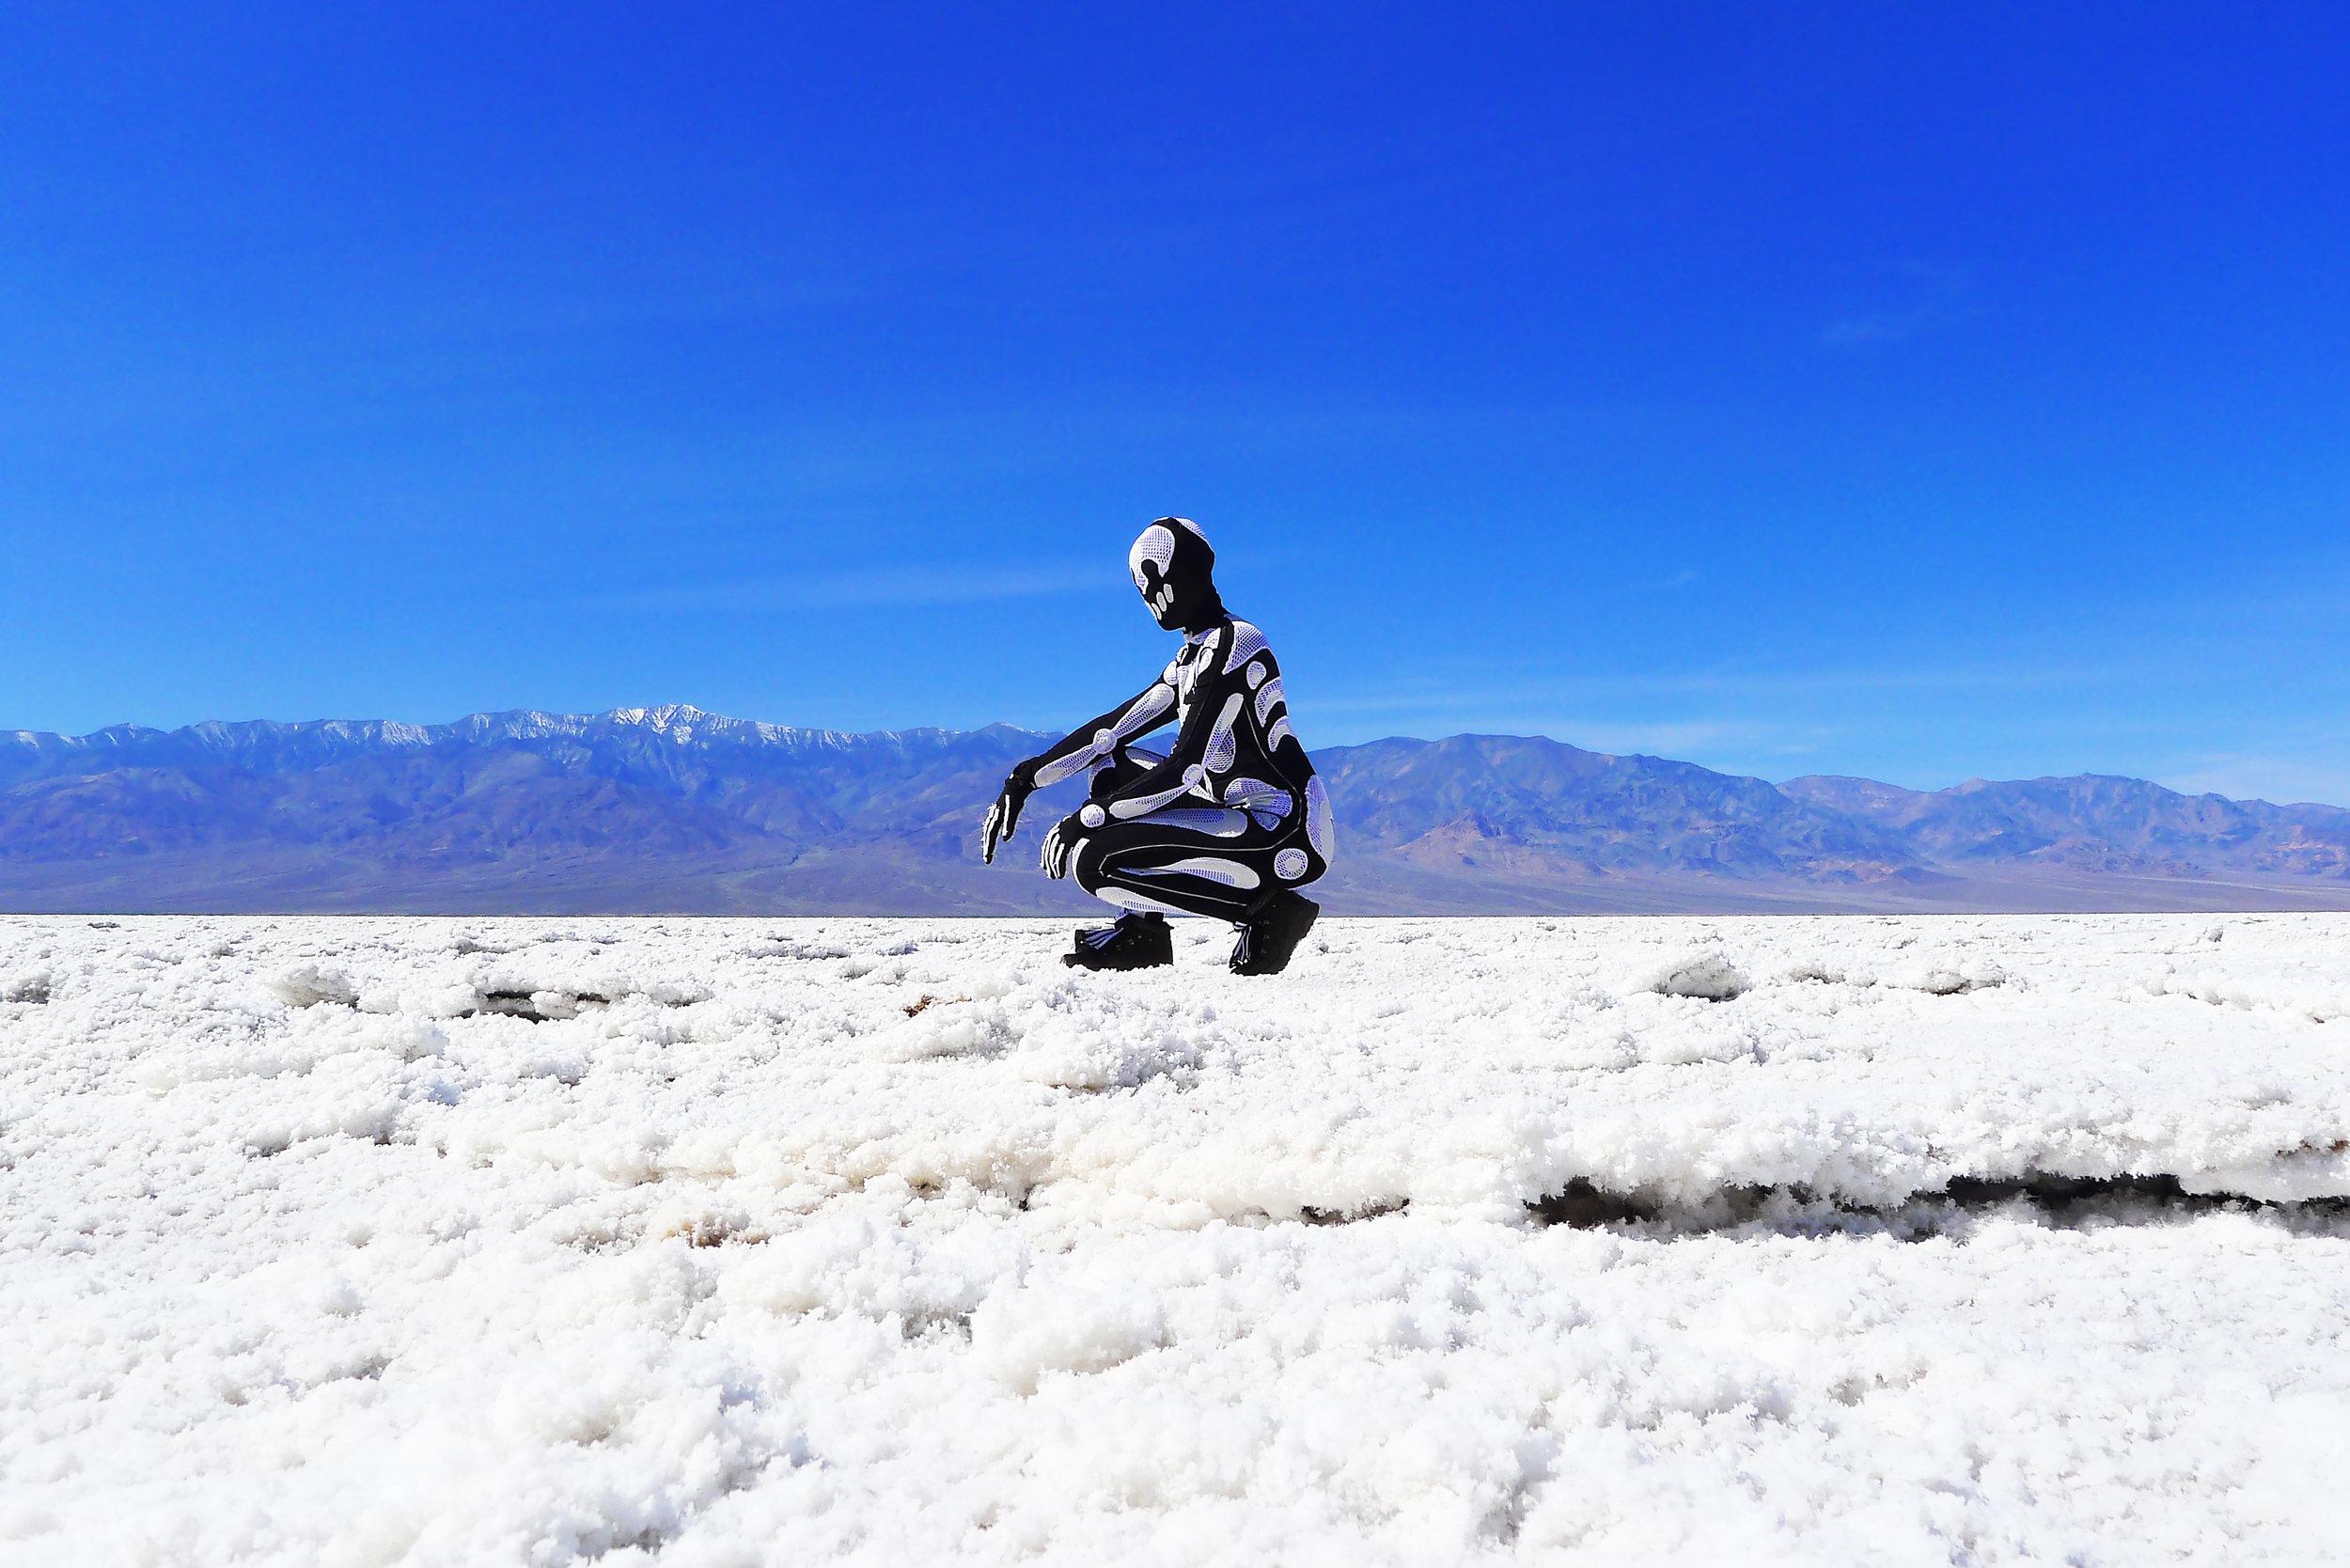 DV_Skeleton_Saltflats_02_med.jpg